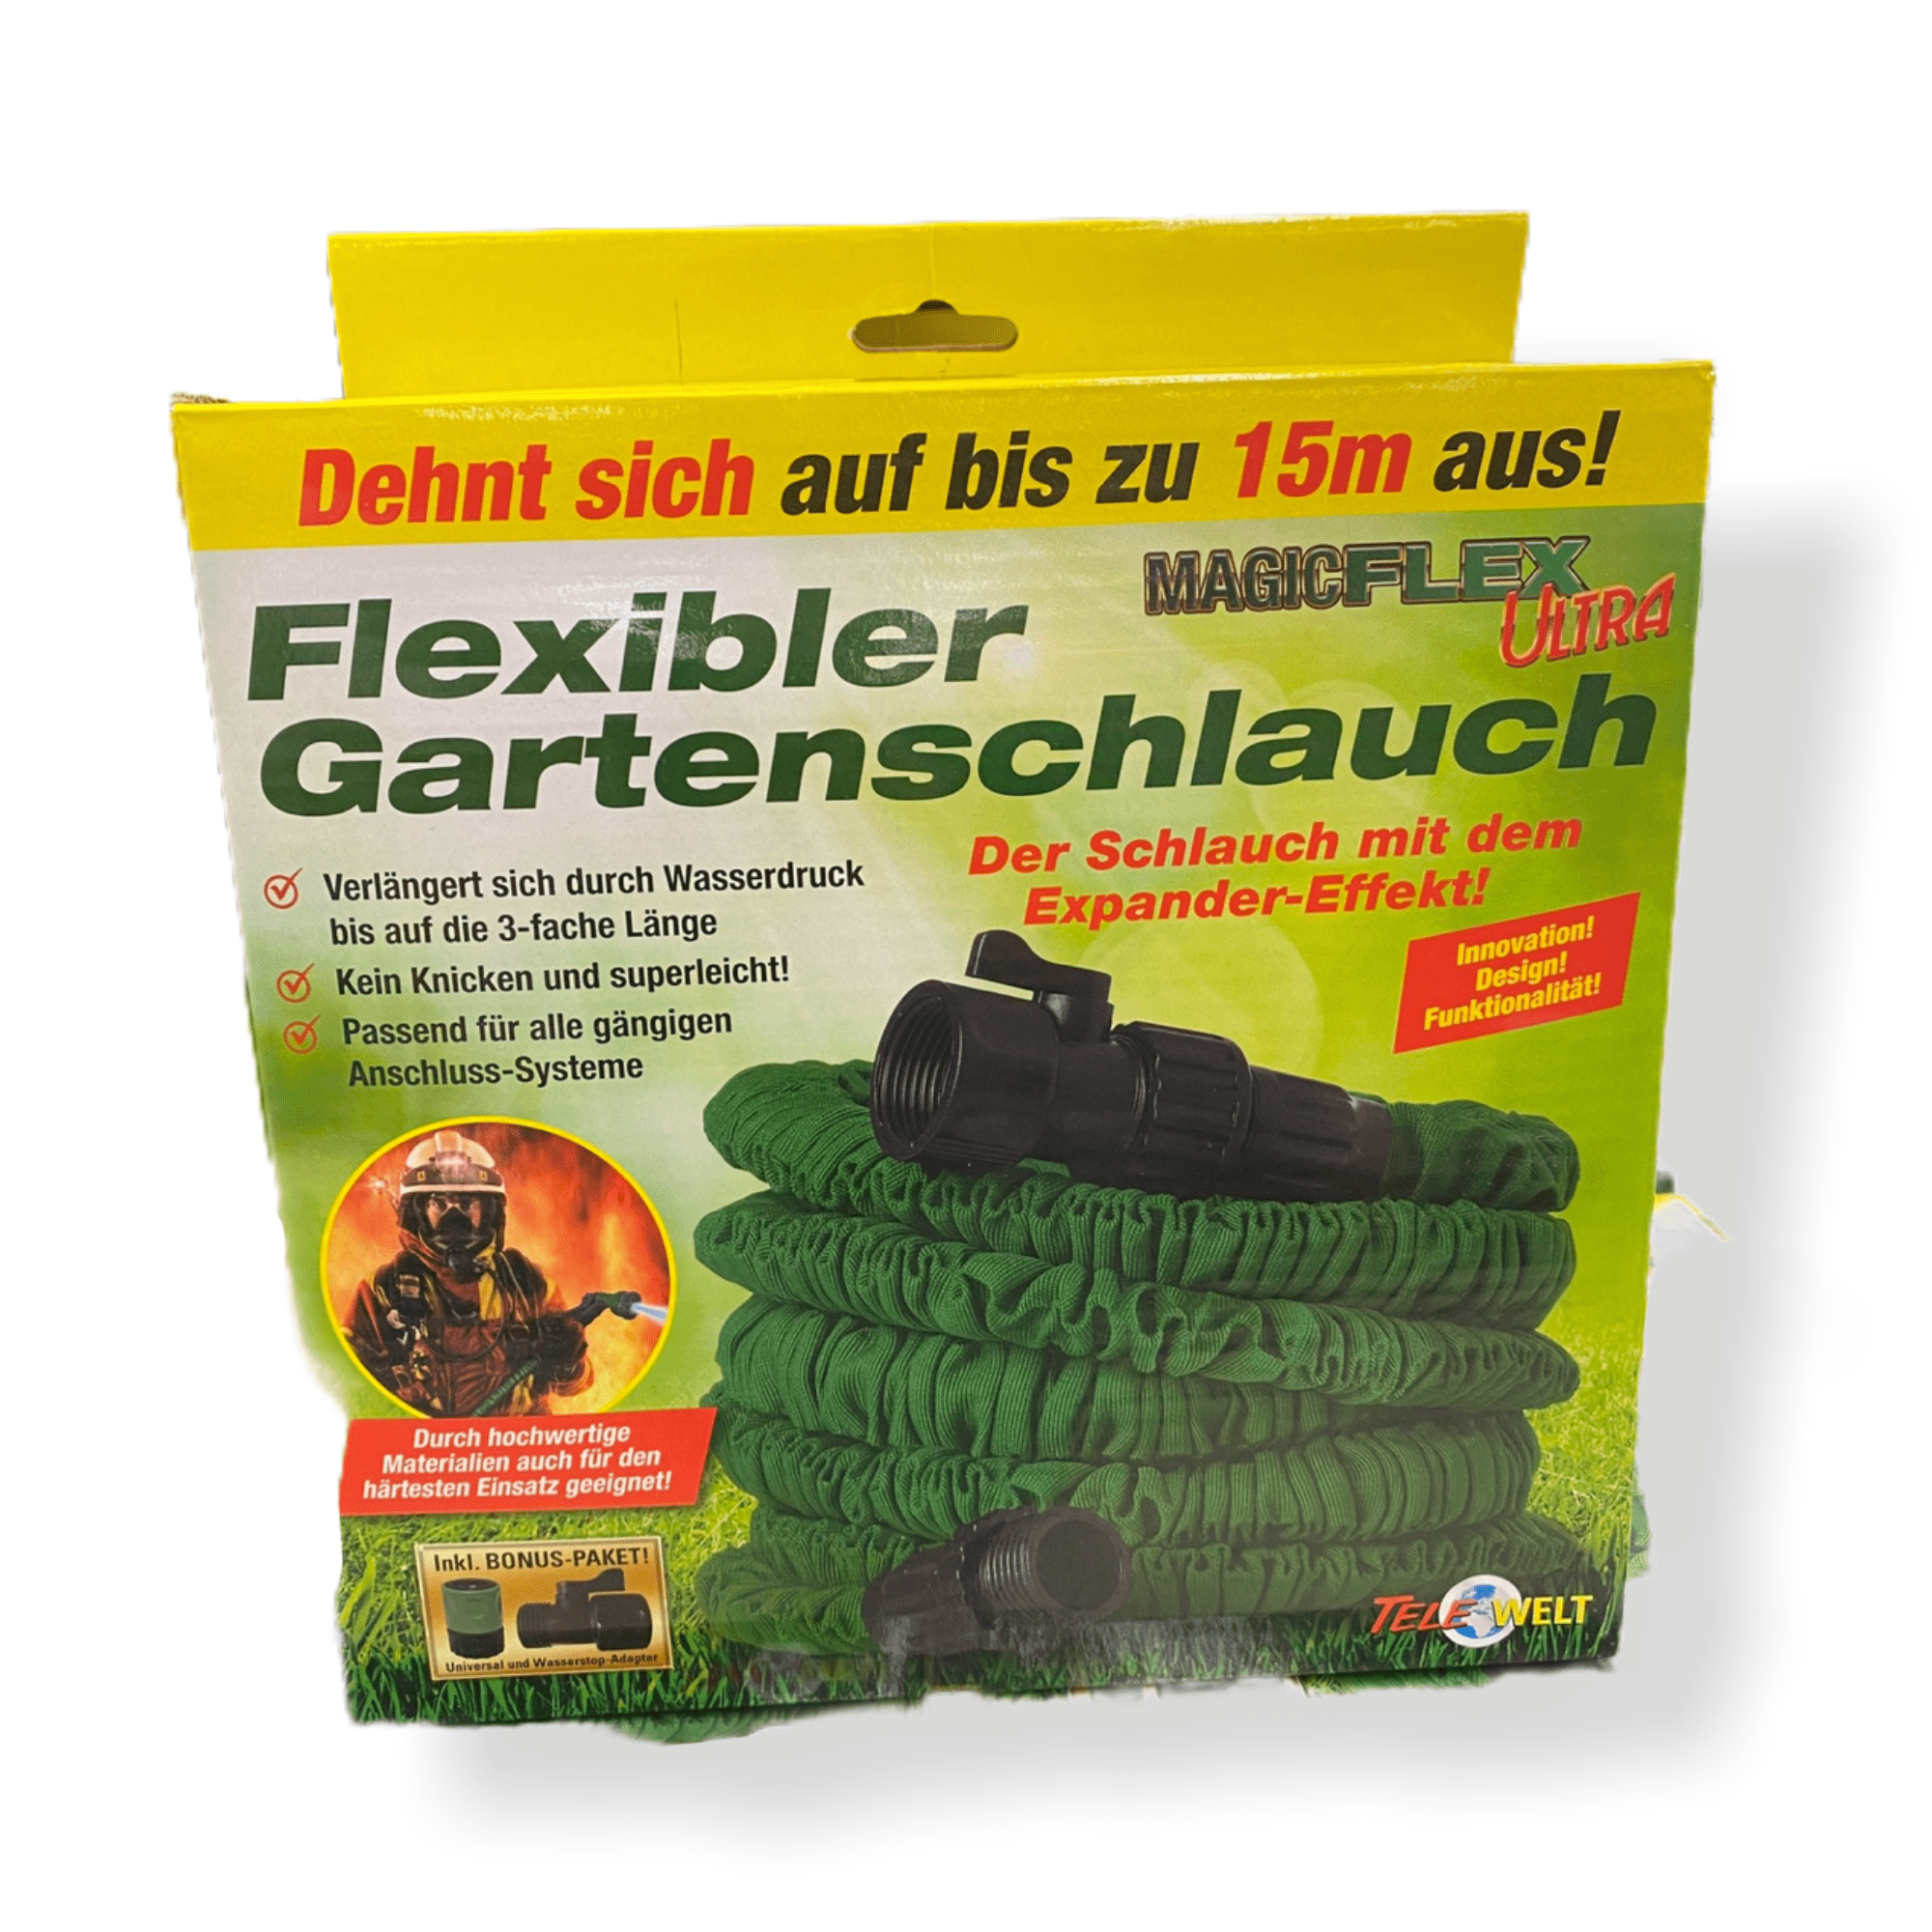 Flexibler Gartenschlauch 15 m inkl. Universal- und Wasserstopp-Adapter